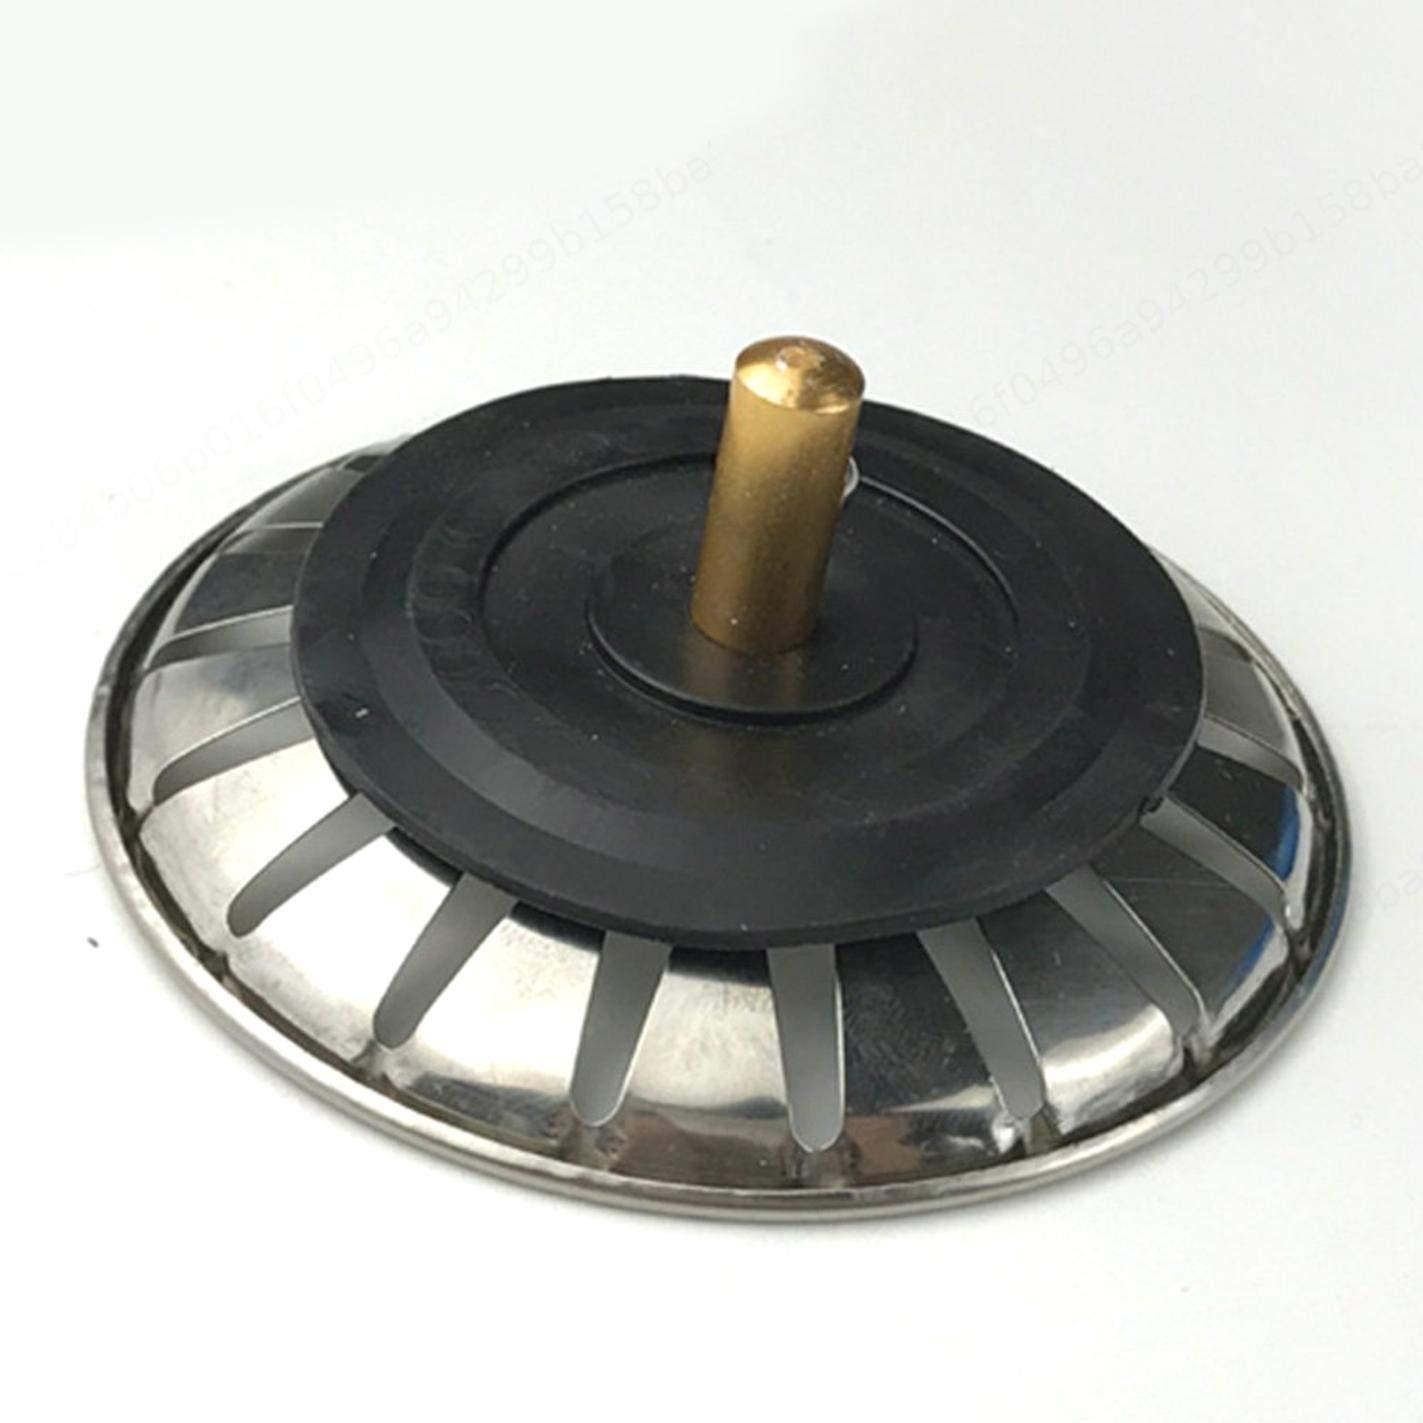 Cucina Filtro lavello da Cucina di qualit/à Premium Tappo 77mm Filtro per rifiuti Alimentari Gomma da Bagno Foro di Ricambio Lavello Cestino di Scarico per casa